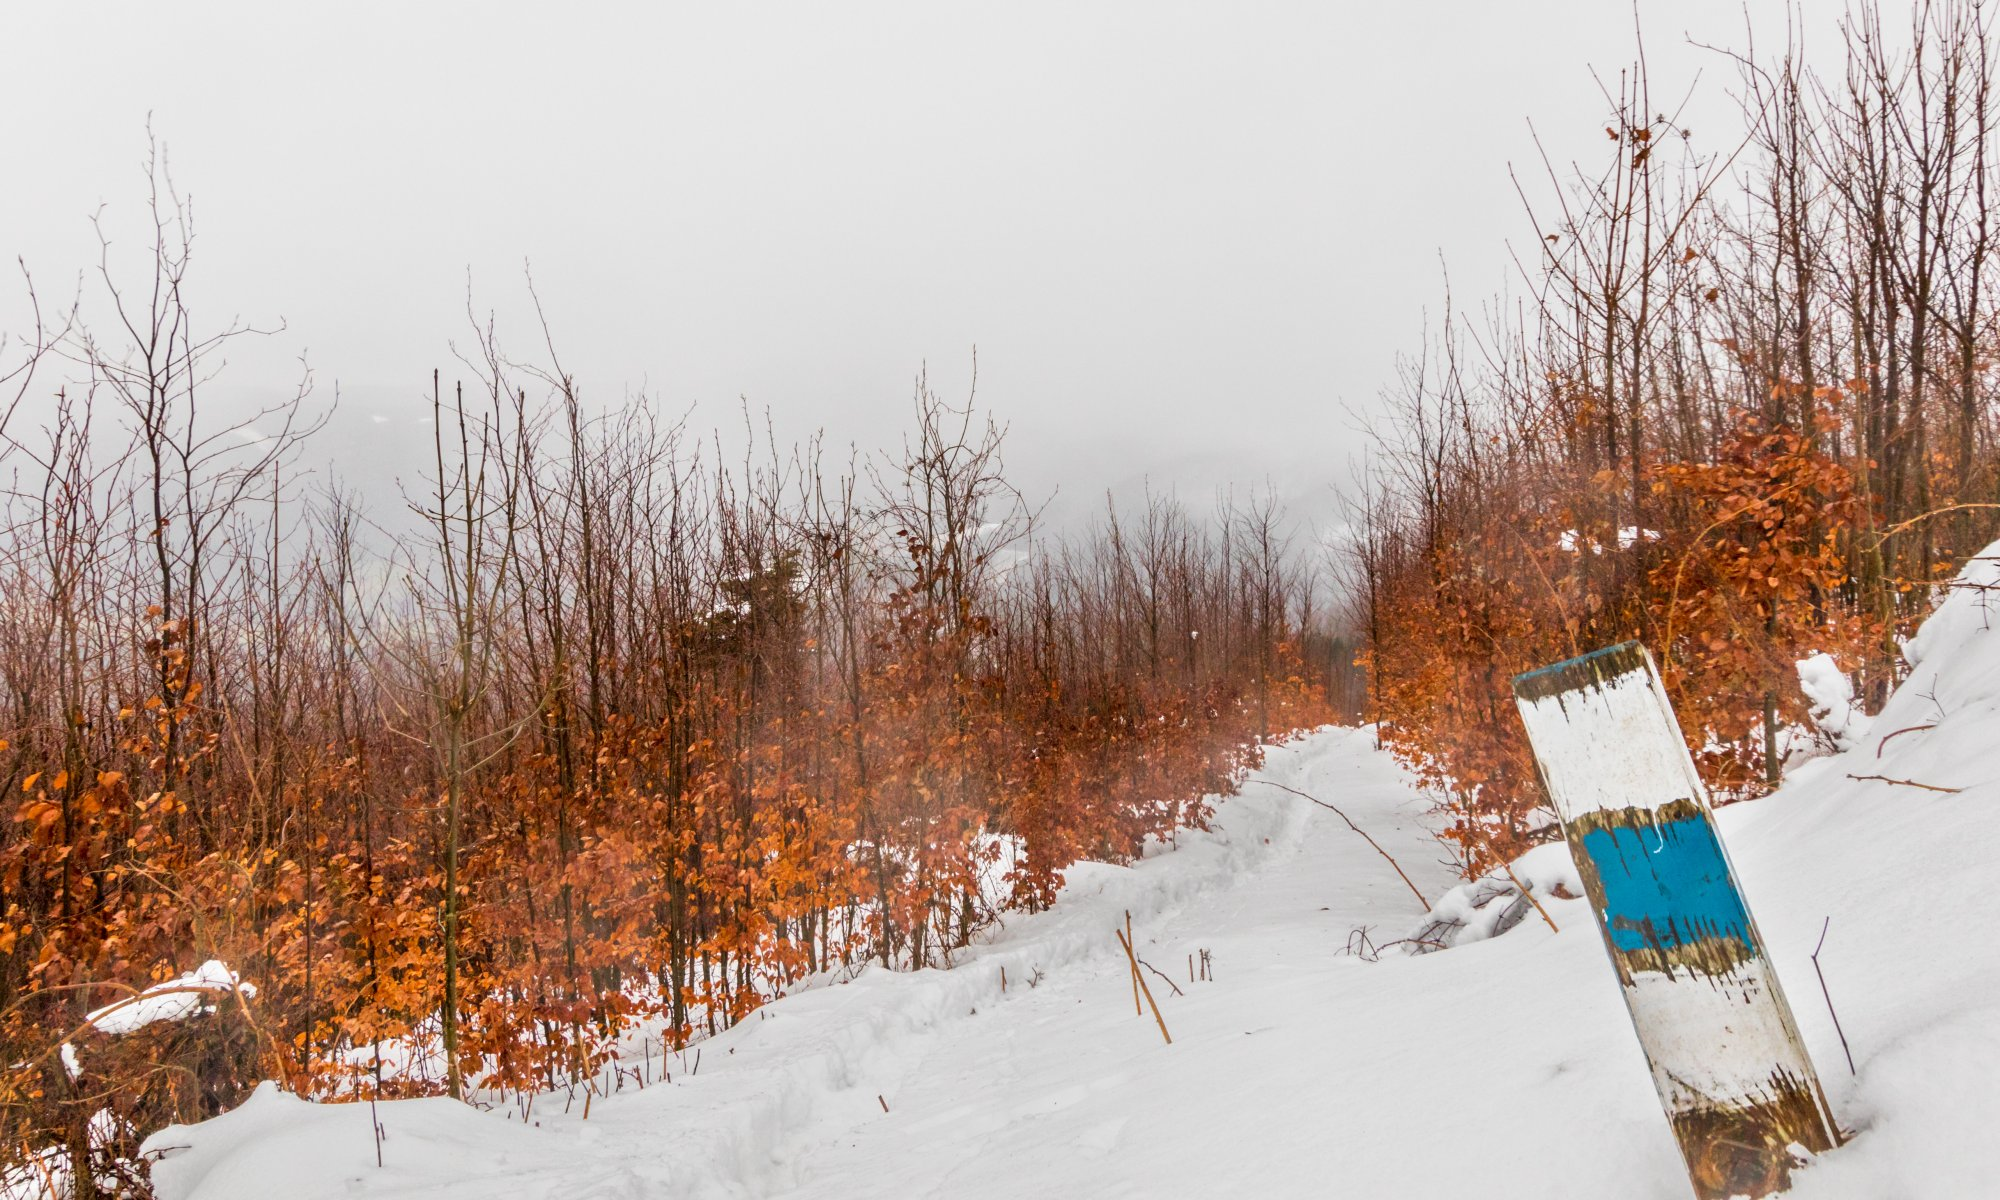 Schnee am Hocheck im Wienerwald. Quelle: Adobe Stock